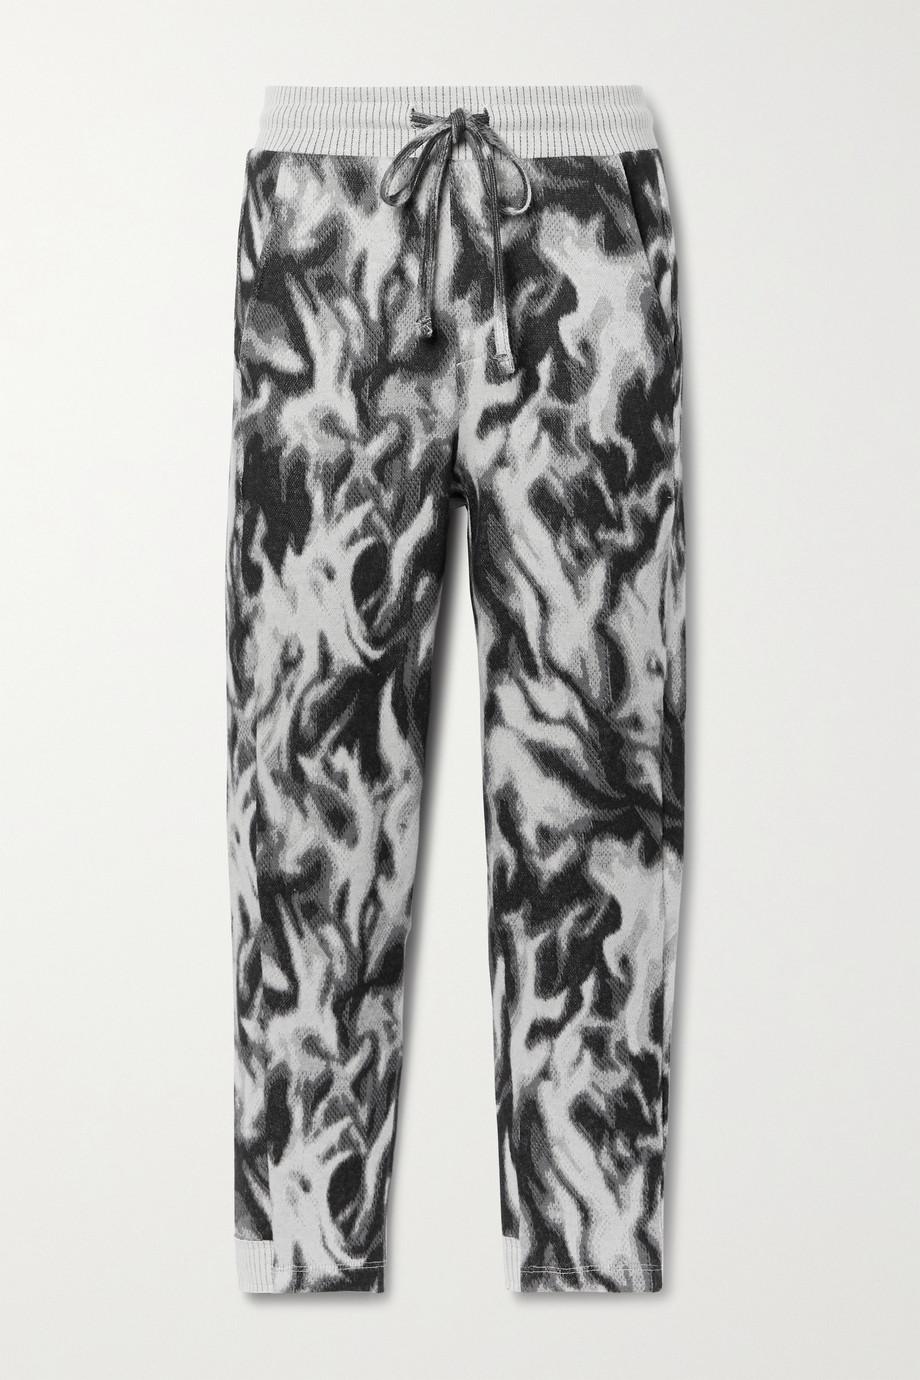 TWENTY Montréal Flames Hyper Reality jacquard-knit cotton-blend track pants